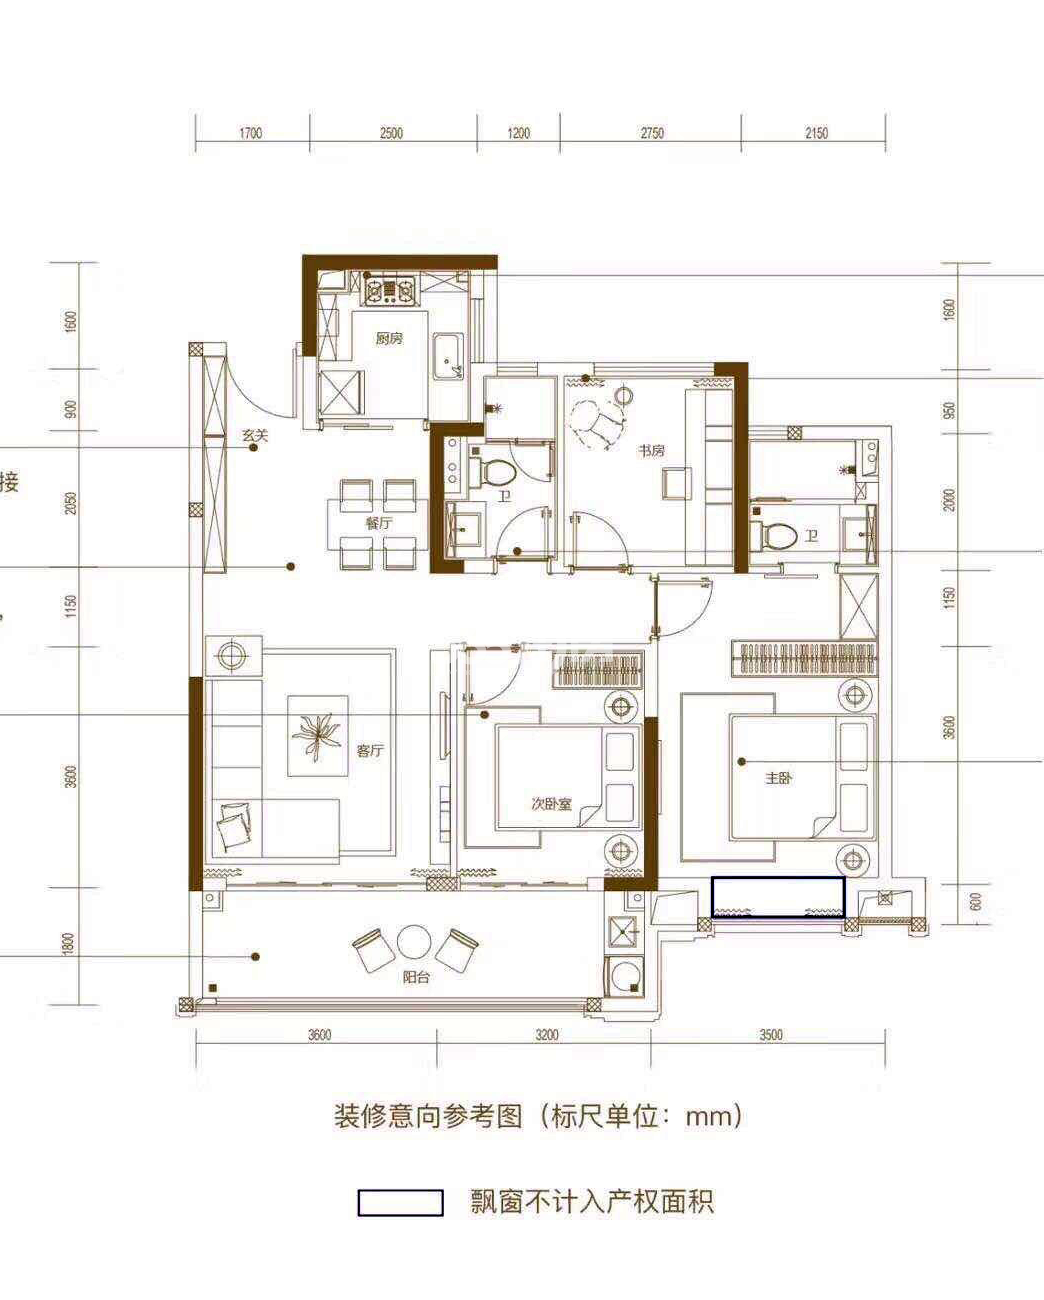 禹洲绿城蘭园高层110㎡户型图